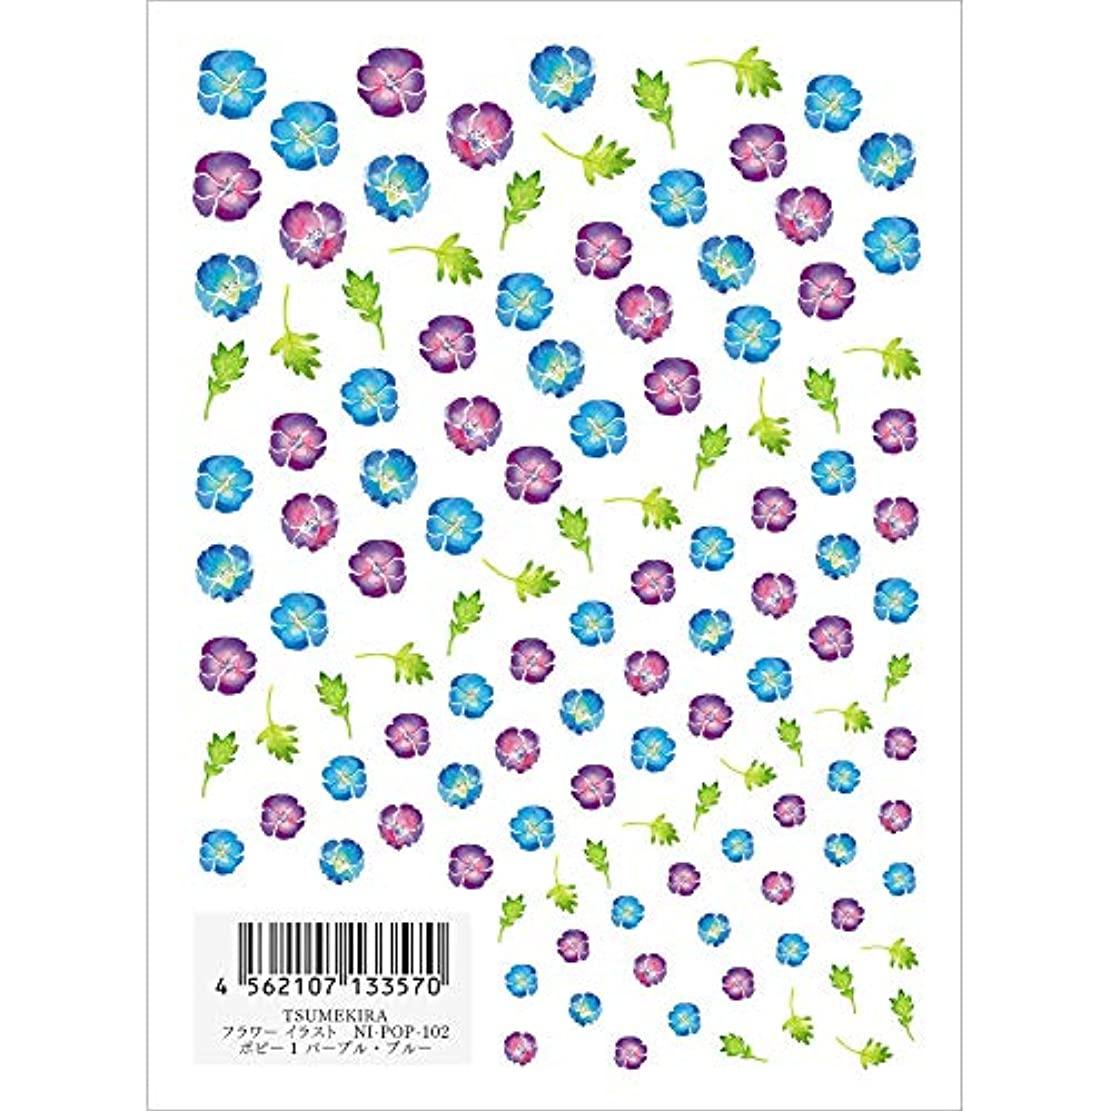 マーティンルーサーキングジュニア薄い最小ツメキラ ネイル用シール フラワースタイル ホ゜ヒ゜ー1 PU/BL